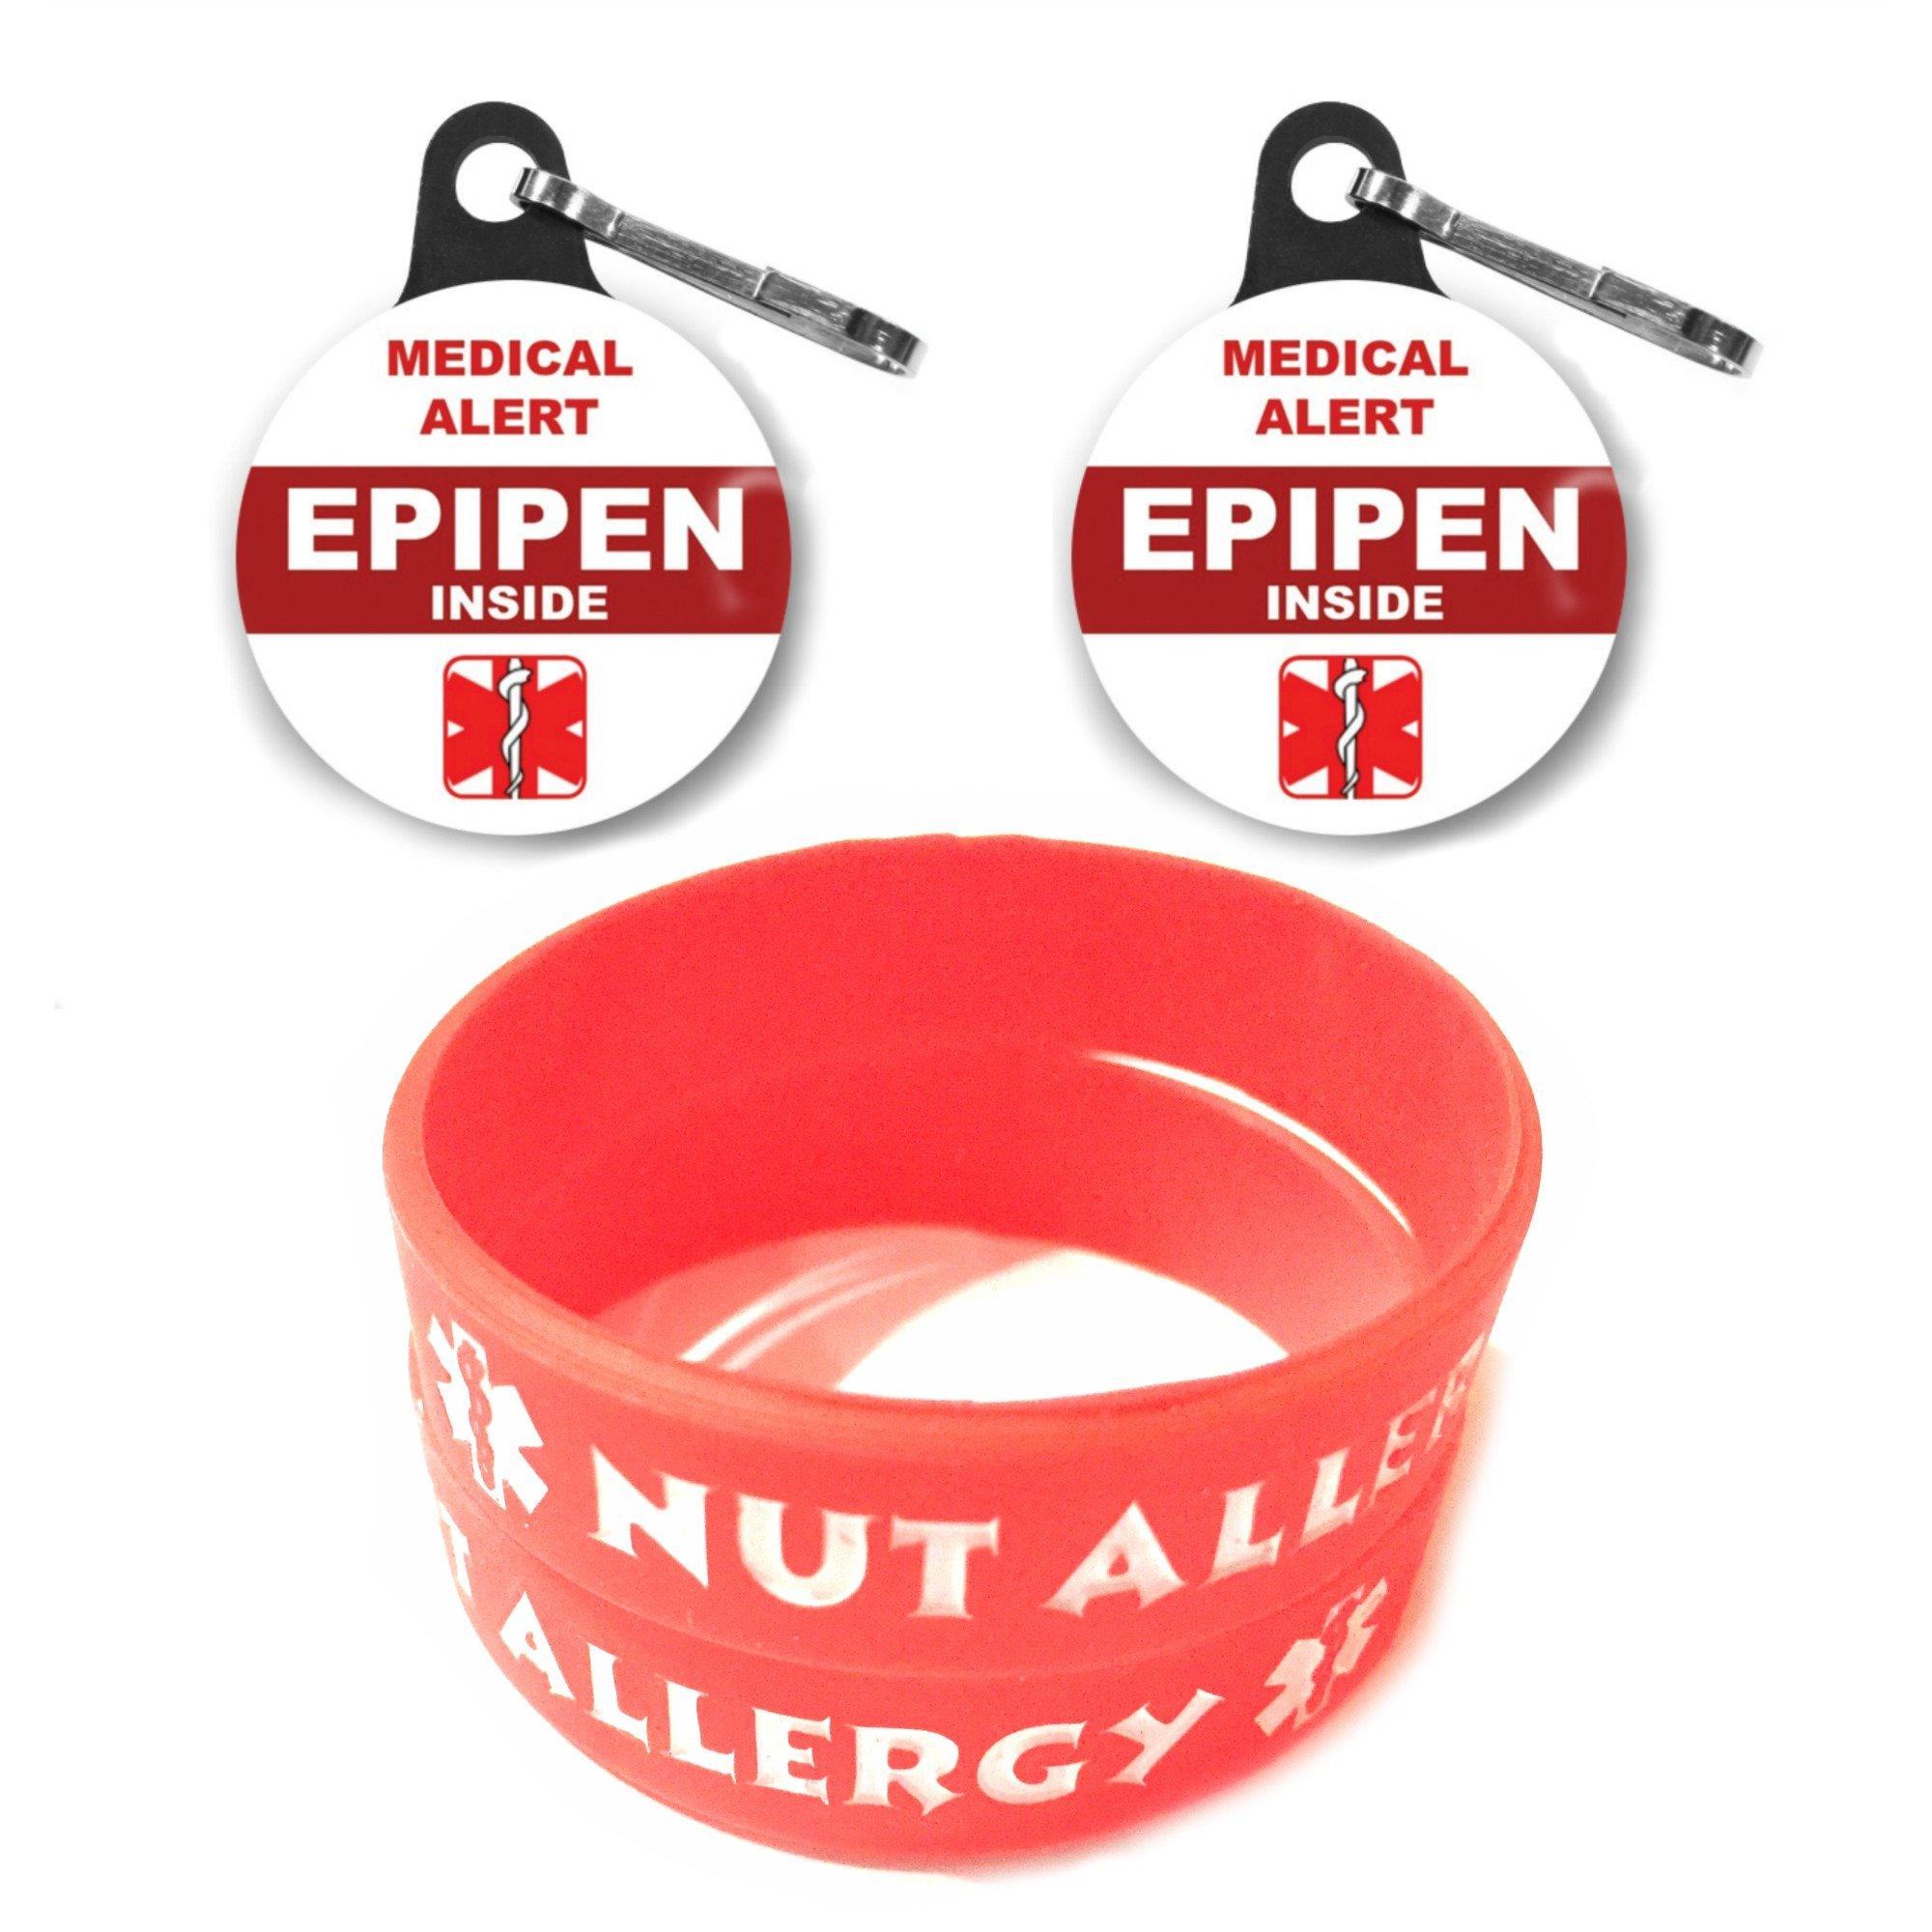 Medical Alert Epipen Inside Tag 2ct/Nut Allergy Bracelets for Kids 2ct Toddler Size